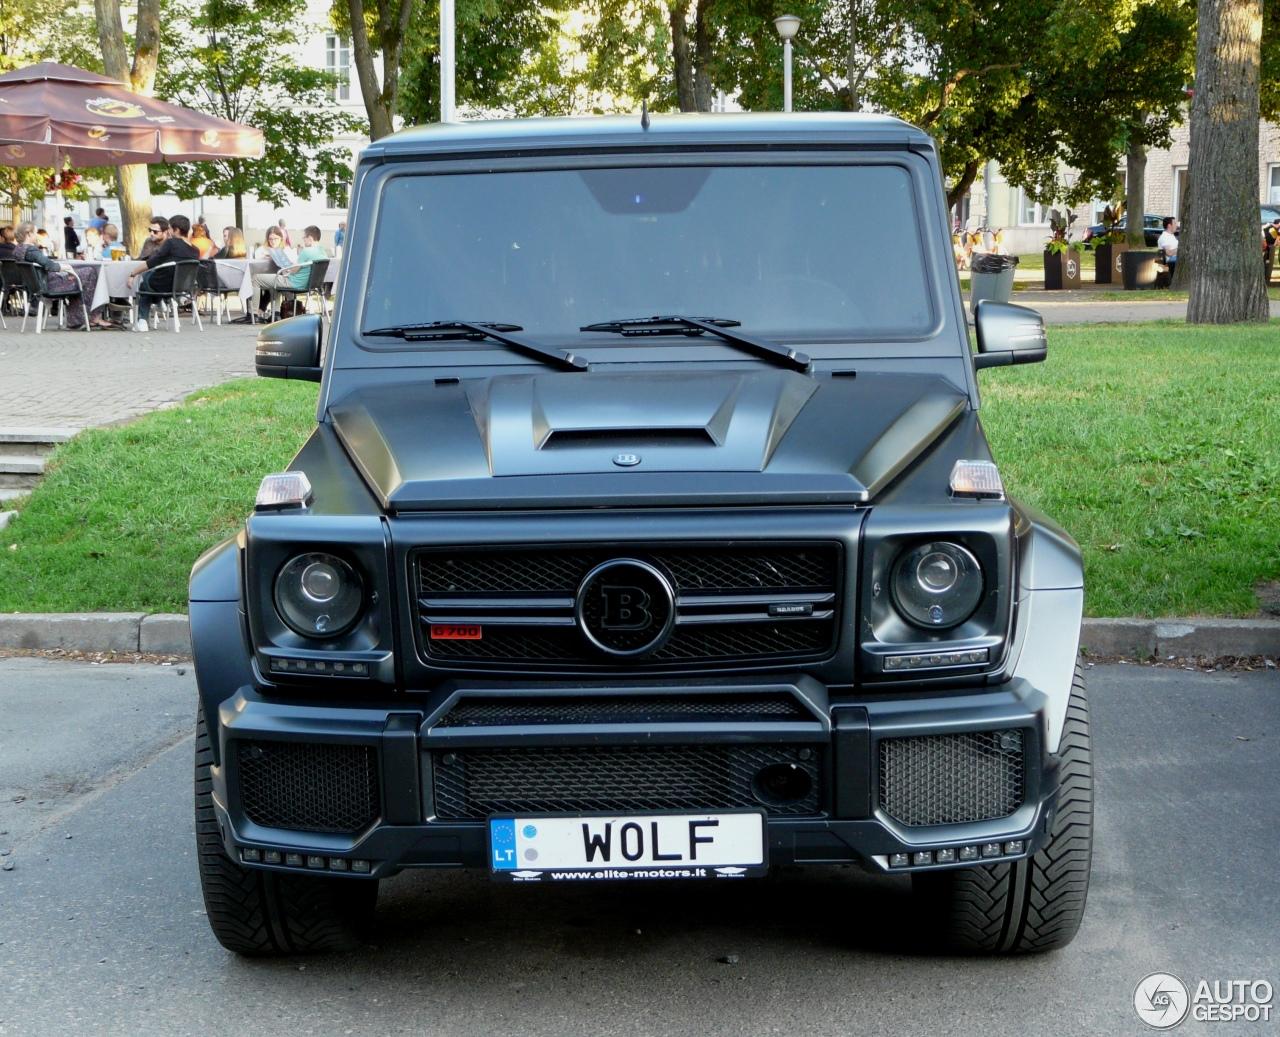 Mercedes Benz Brabus G 700 Widestar 21 May 2017 Autogespot